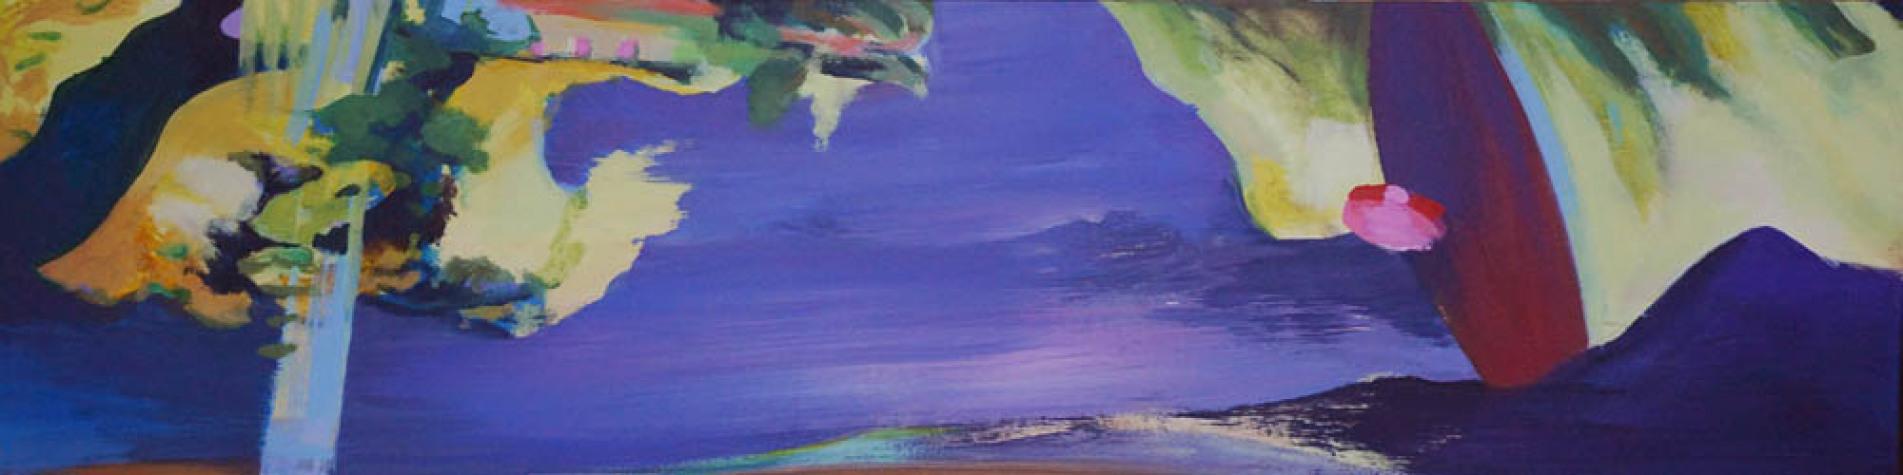 Peinture de Jacques Thomann